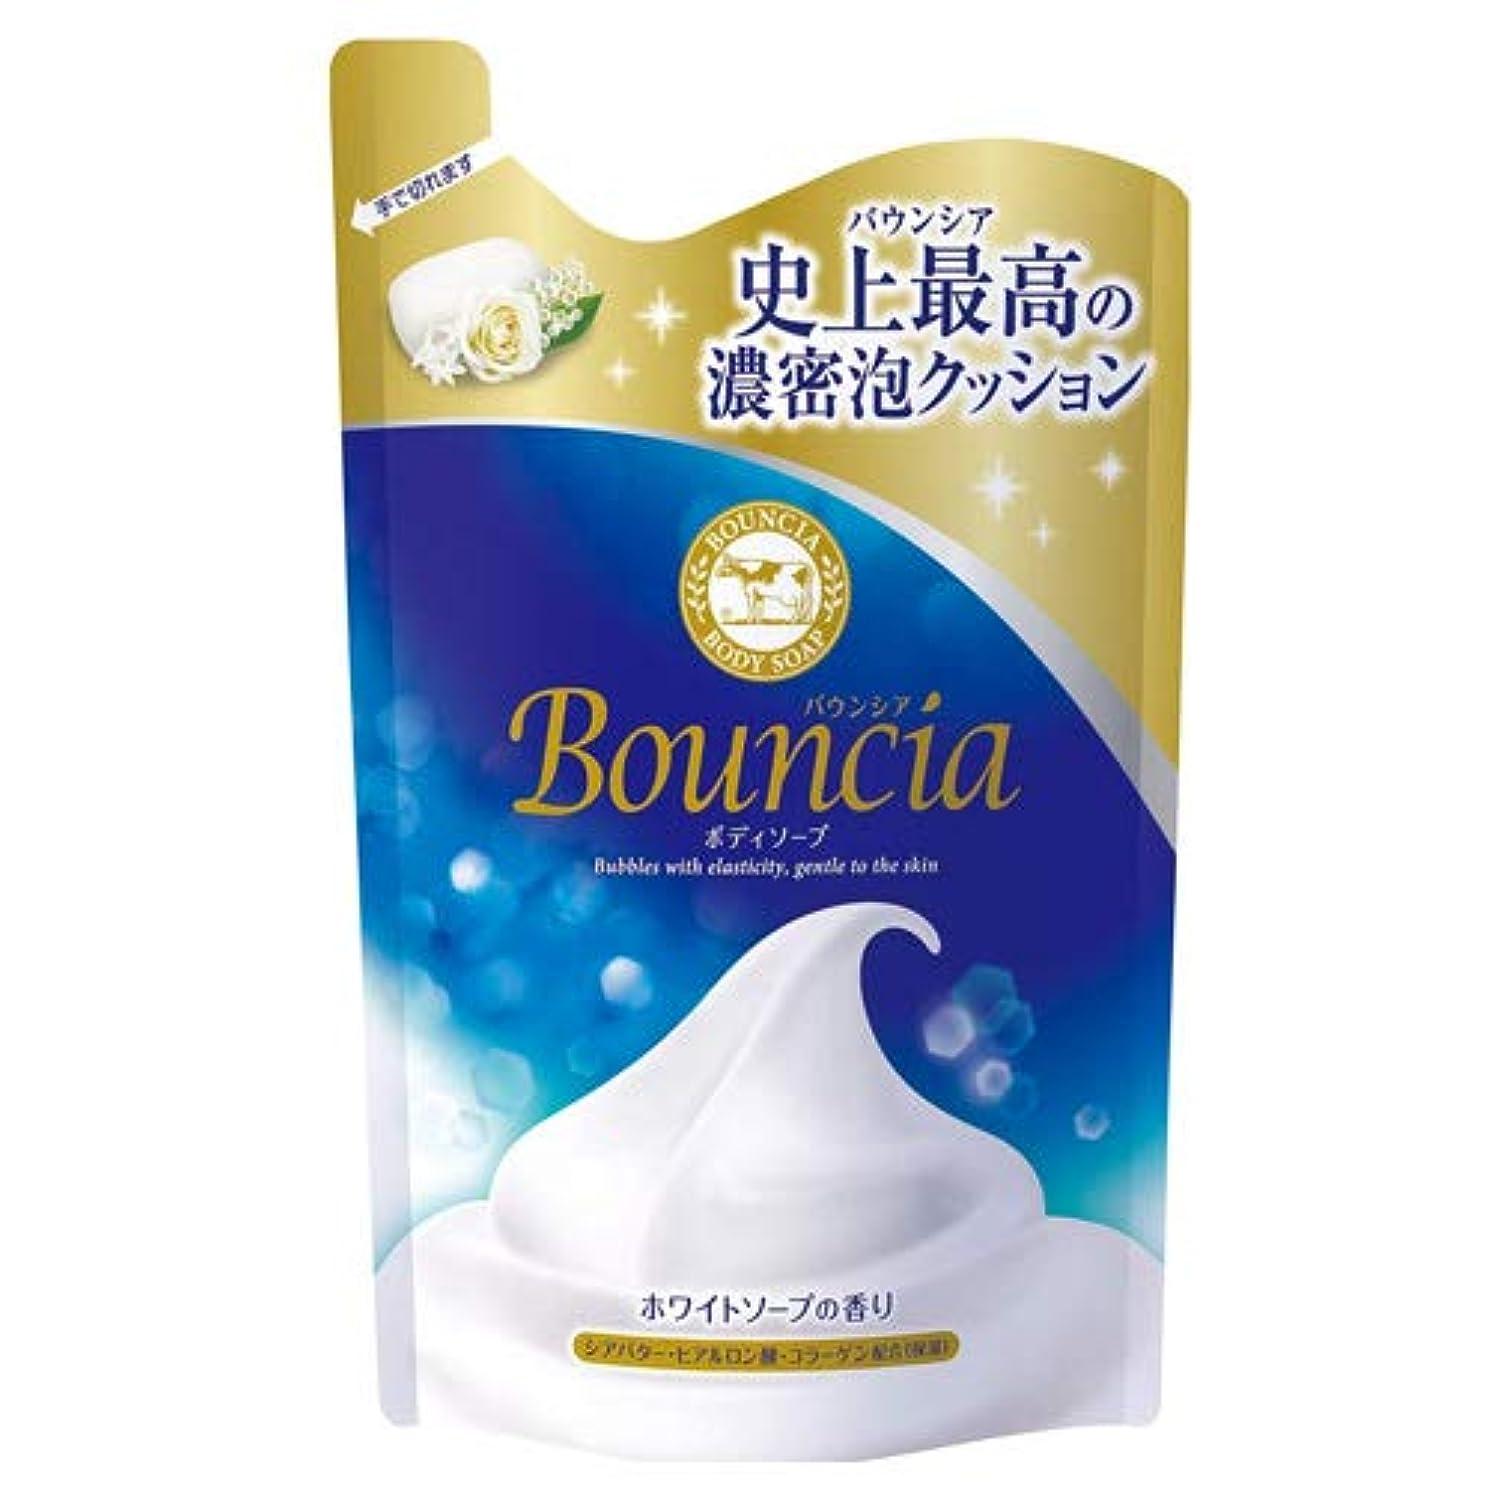 スケッチ受け皿放出牛乳石鹸 バウンシア ボディソープ 詰替用 400ml×4個